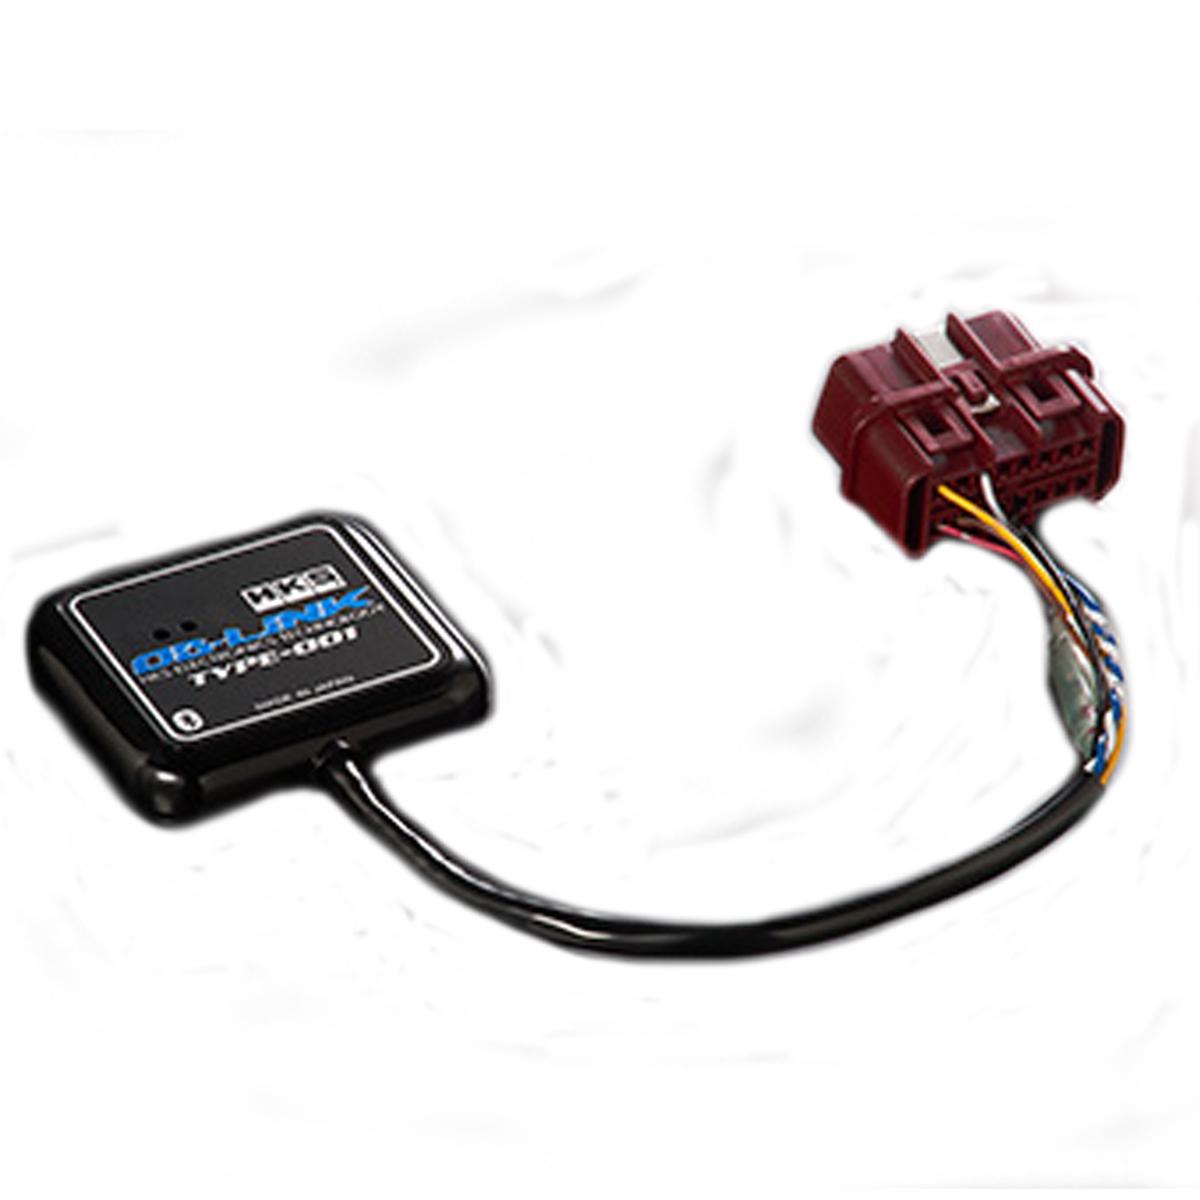 レクサス モニター OBリンク タイプ 001 GWS191 HKS 44009-AK002 エレクトリニクス 個人宅発送追金有